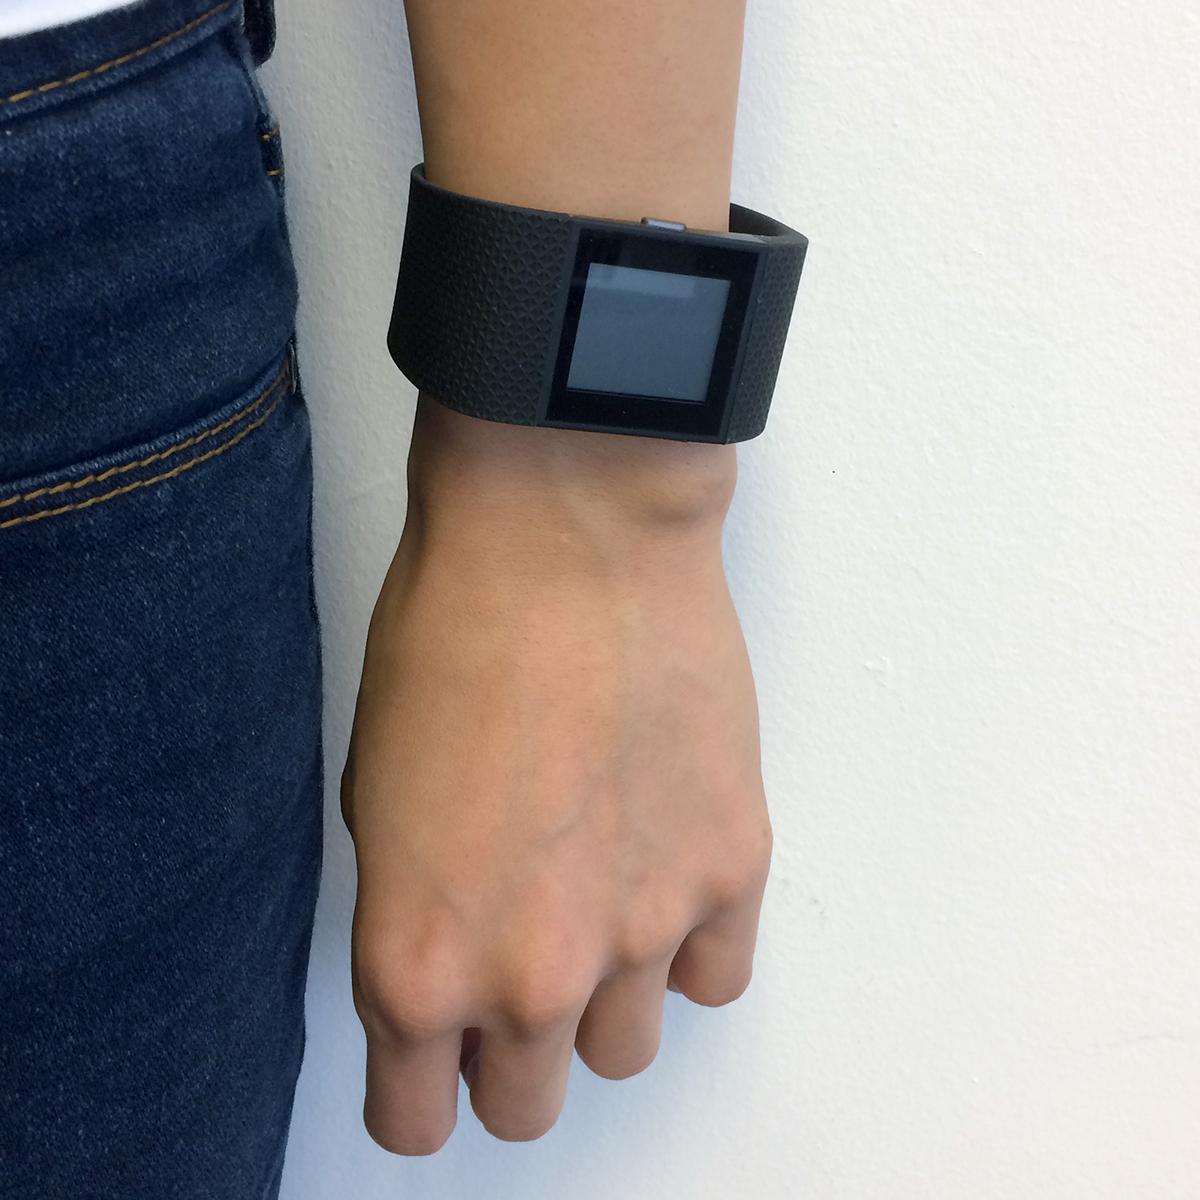 Fitbit comparison: Fitbit Surge on wrist